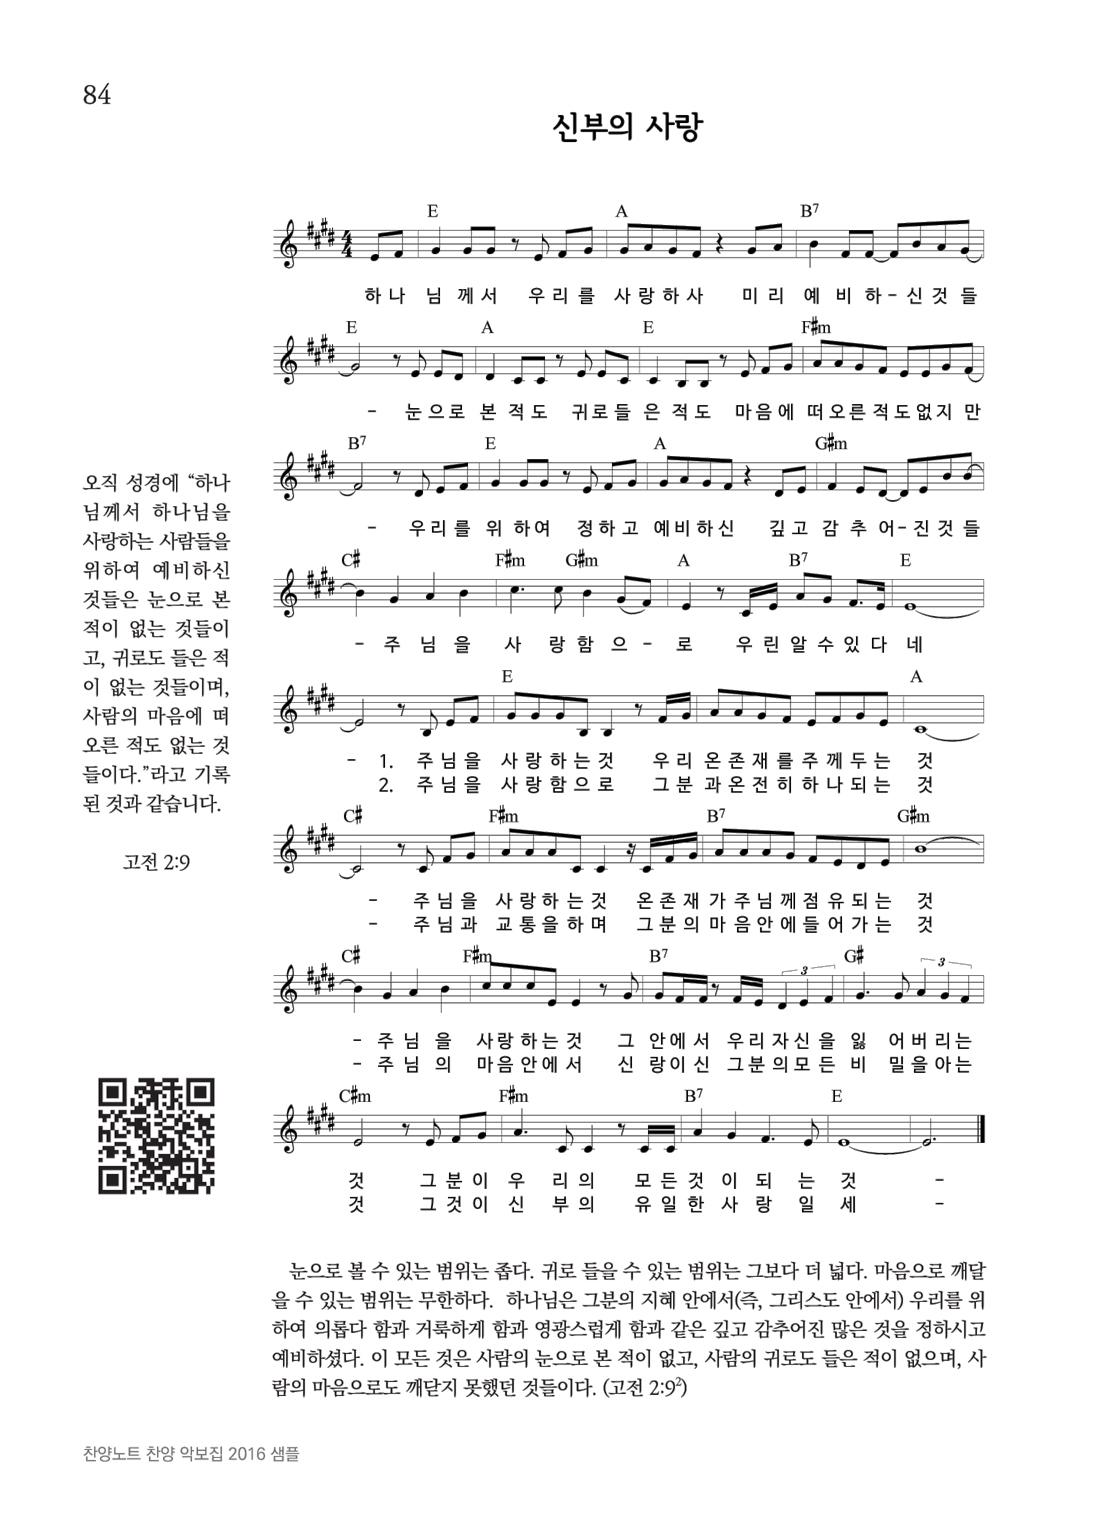 찬양 악보집 초안 84p.jpg